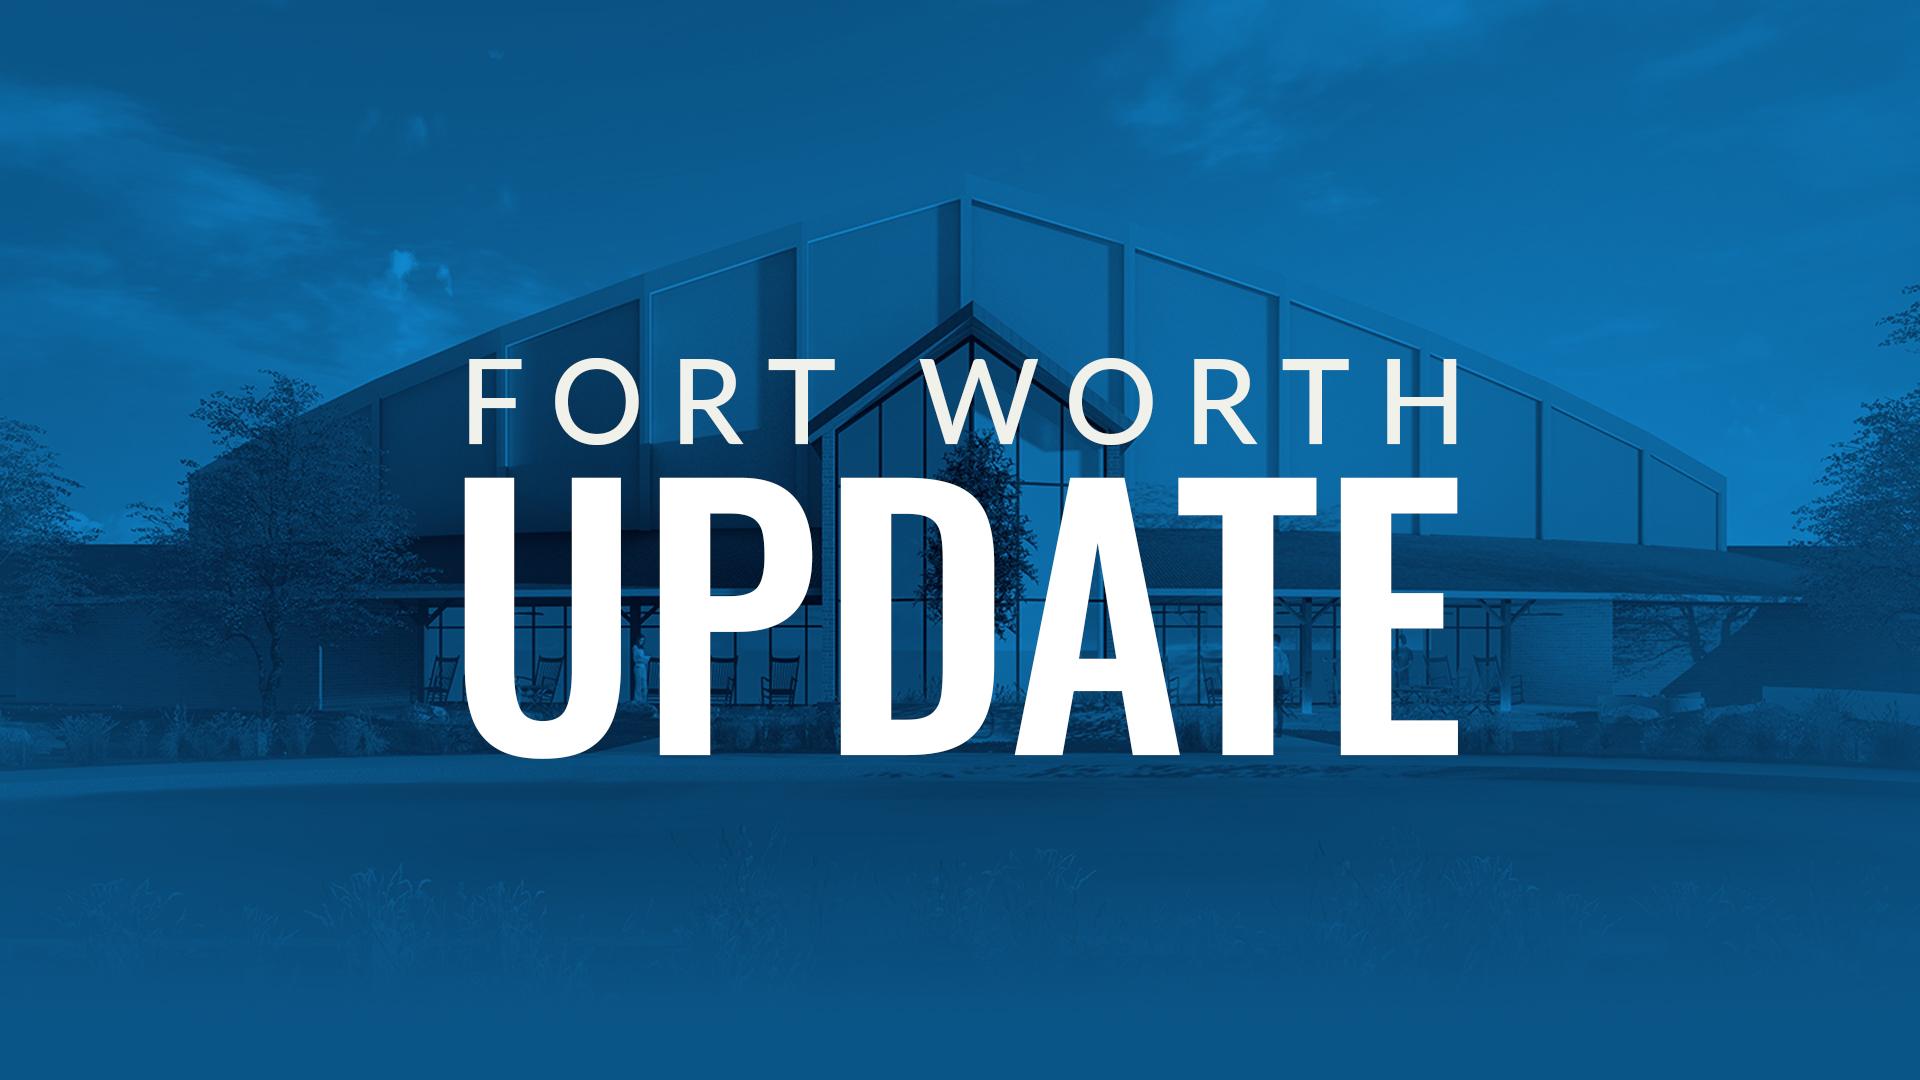 Fort Worth Update Hero Image